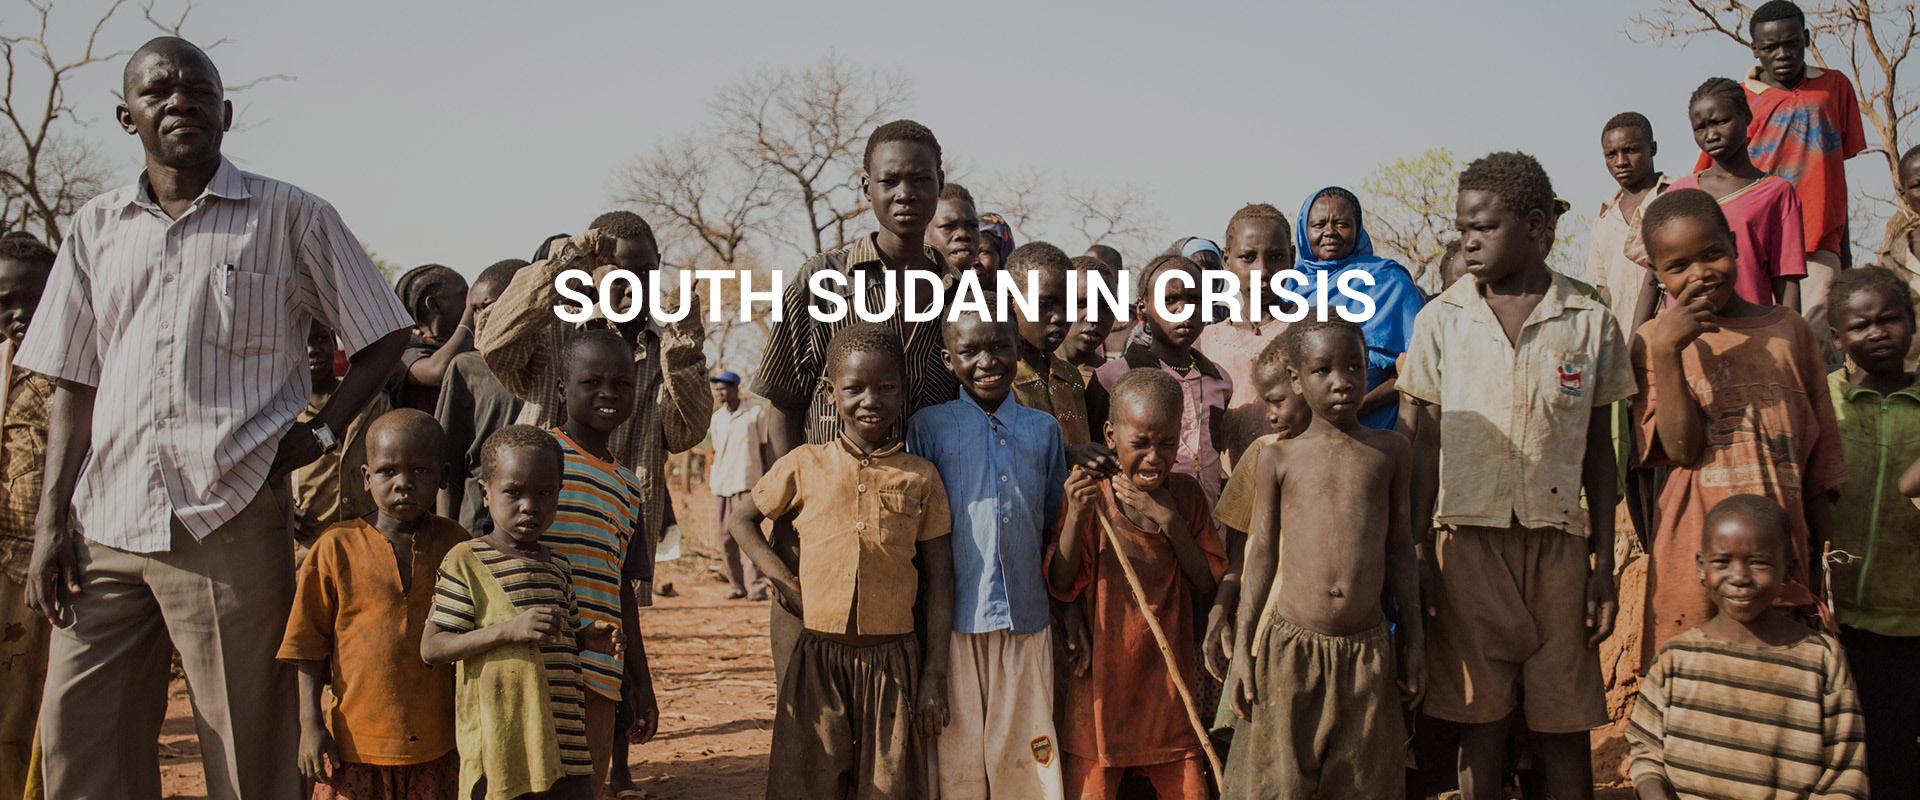 9544_south_sudan_lp_image_1218SD-E-036